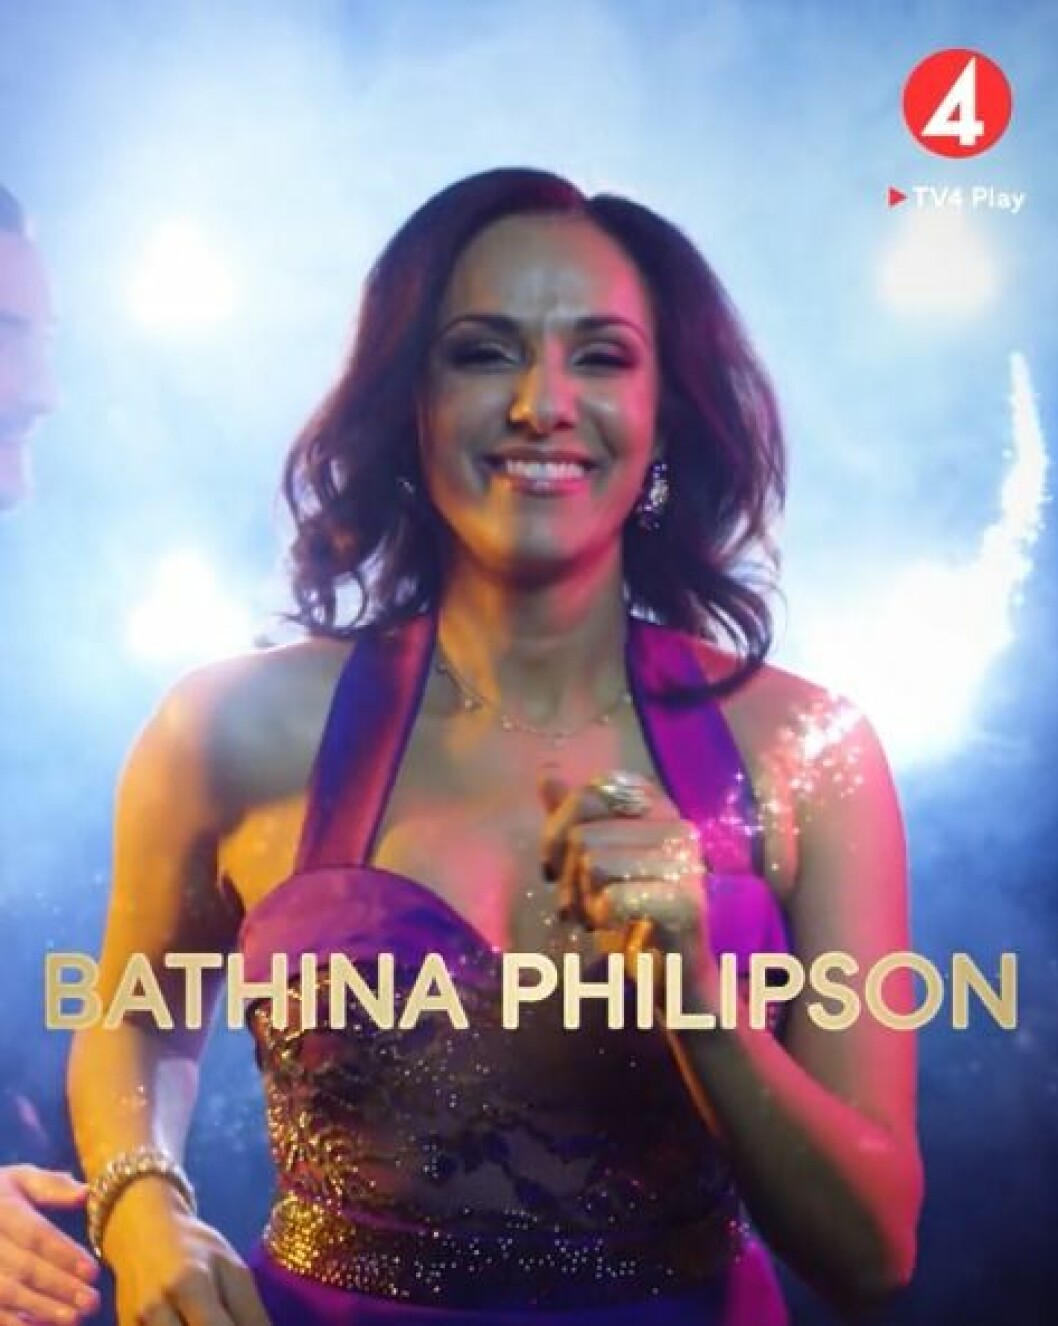 Bathina Philipson är en av deltagarna i Let's dance 2020